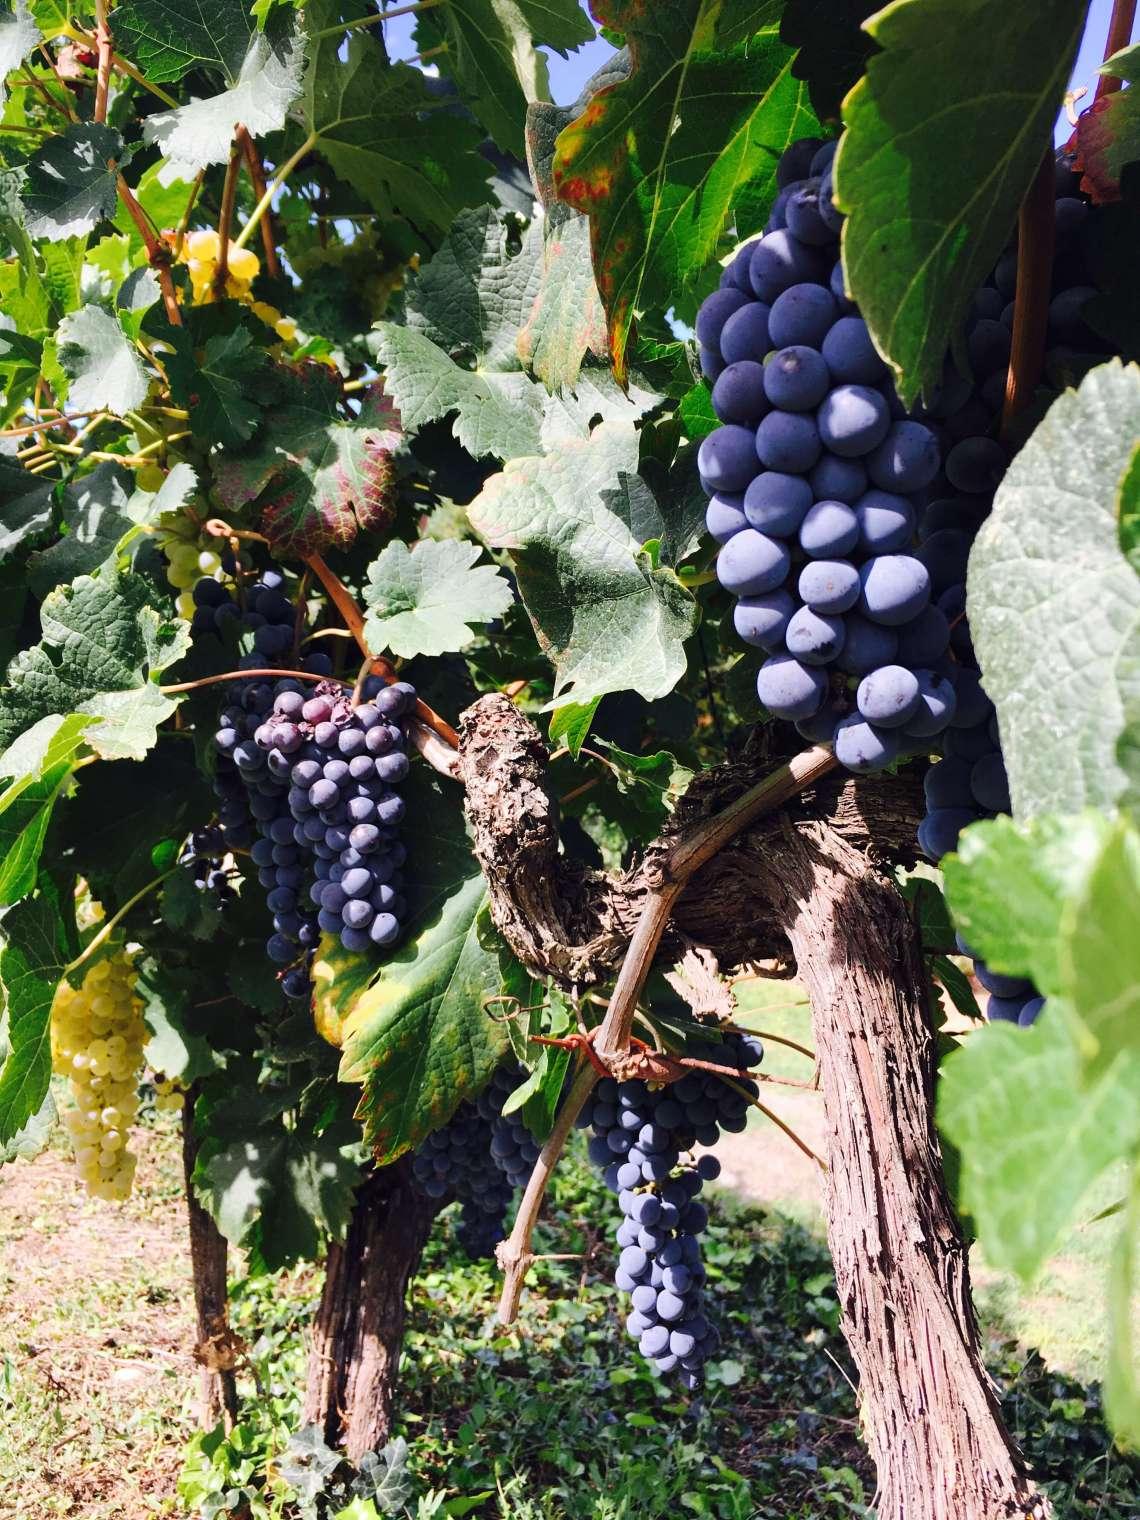 Da er jeg endelig på vei til å høste druer og lage vin på vingården vår i Italia. Jeg er fryktelig spent på hvordan druene er og hvor mye vin det blir.